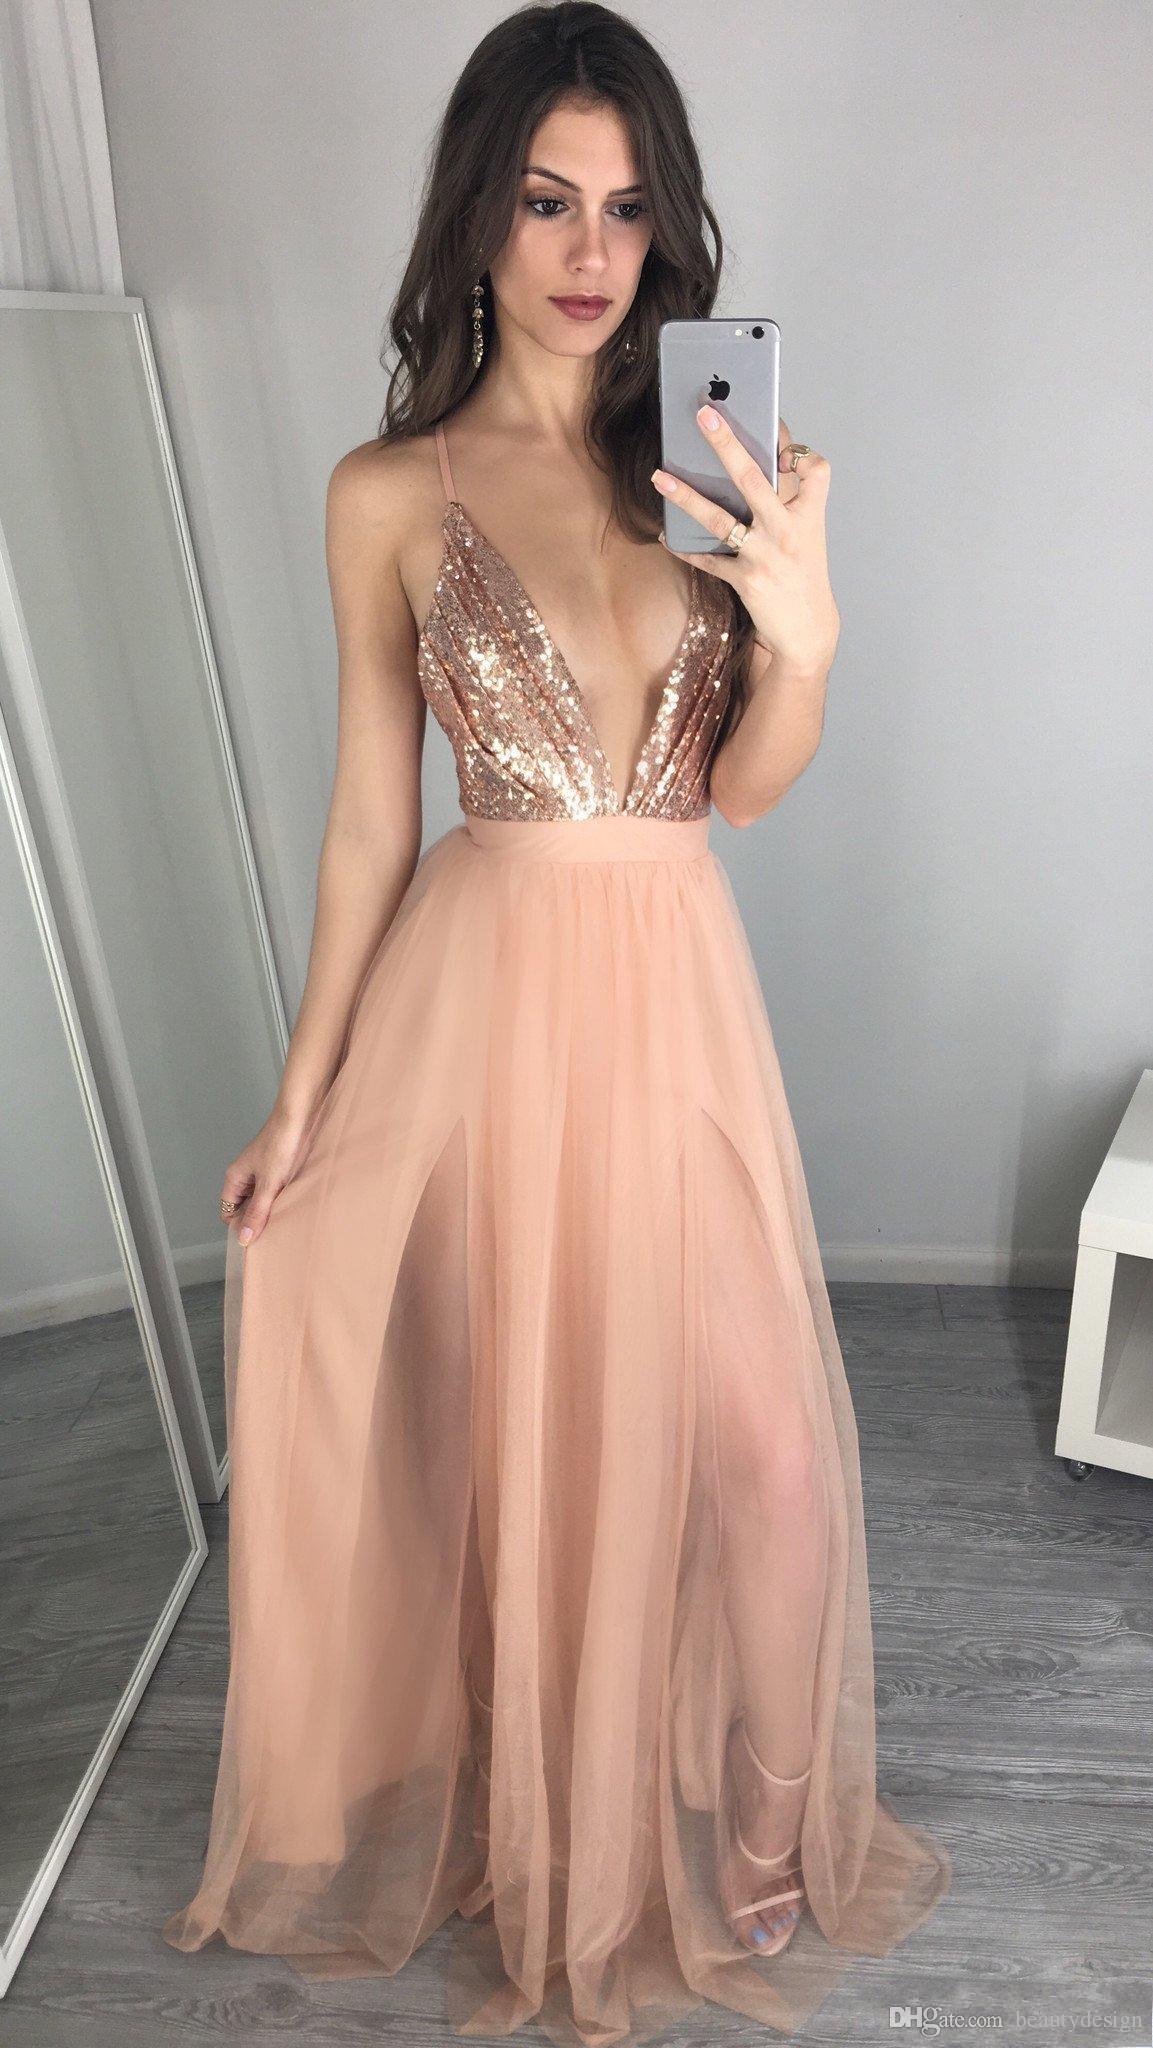 Compre 2018 Lentejuelas De Oro Rosa únicas Vestidos De Baile Sexy Cuello En V Sin Espalda Vestido De Fiesta Vestidos Vestidos De Fiesta De Noche